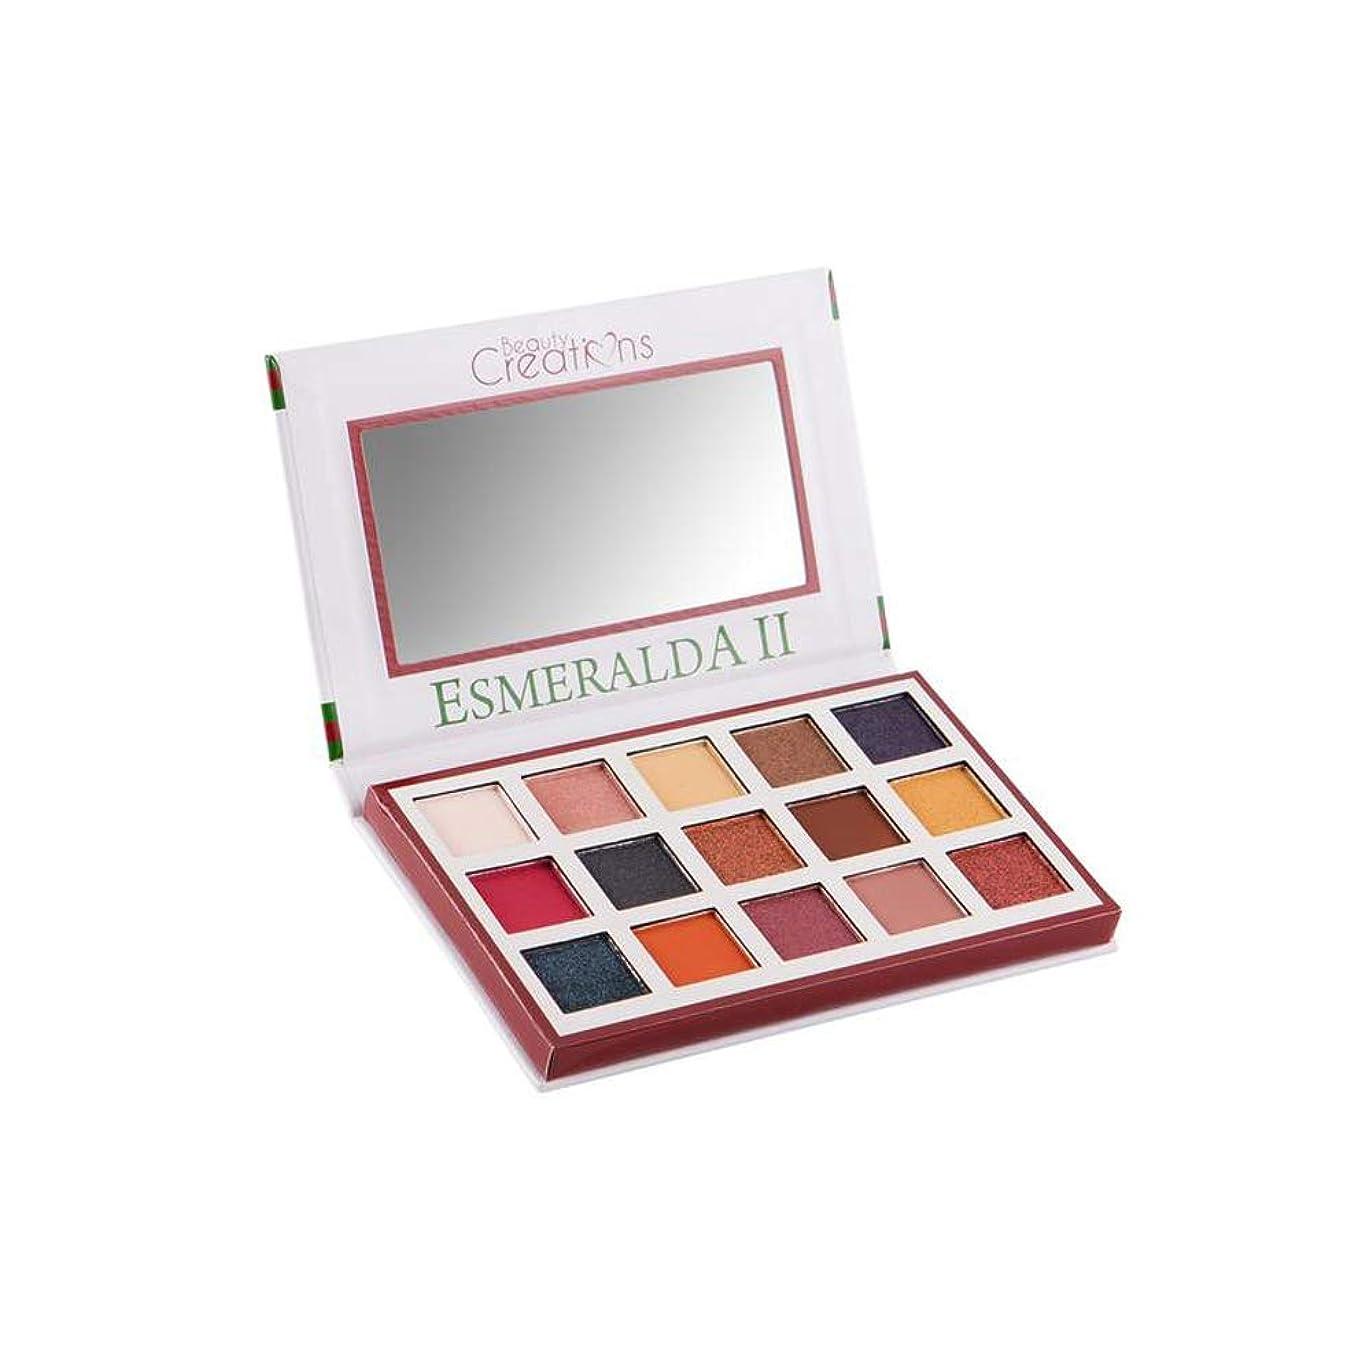 貢献制限された不毛のBEAUTY CREATIONS Esmeralda II 15 Color Eyeshadow Palette (並行輸入品)